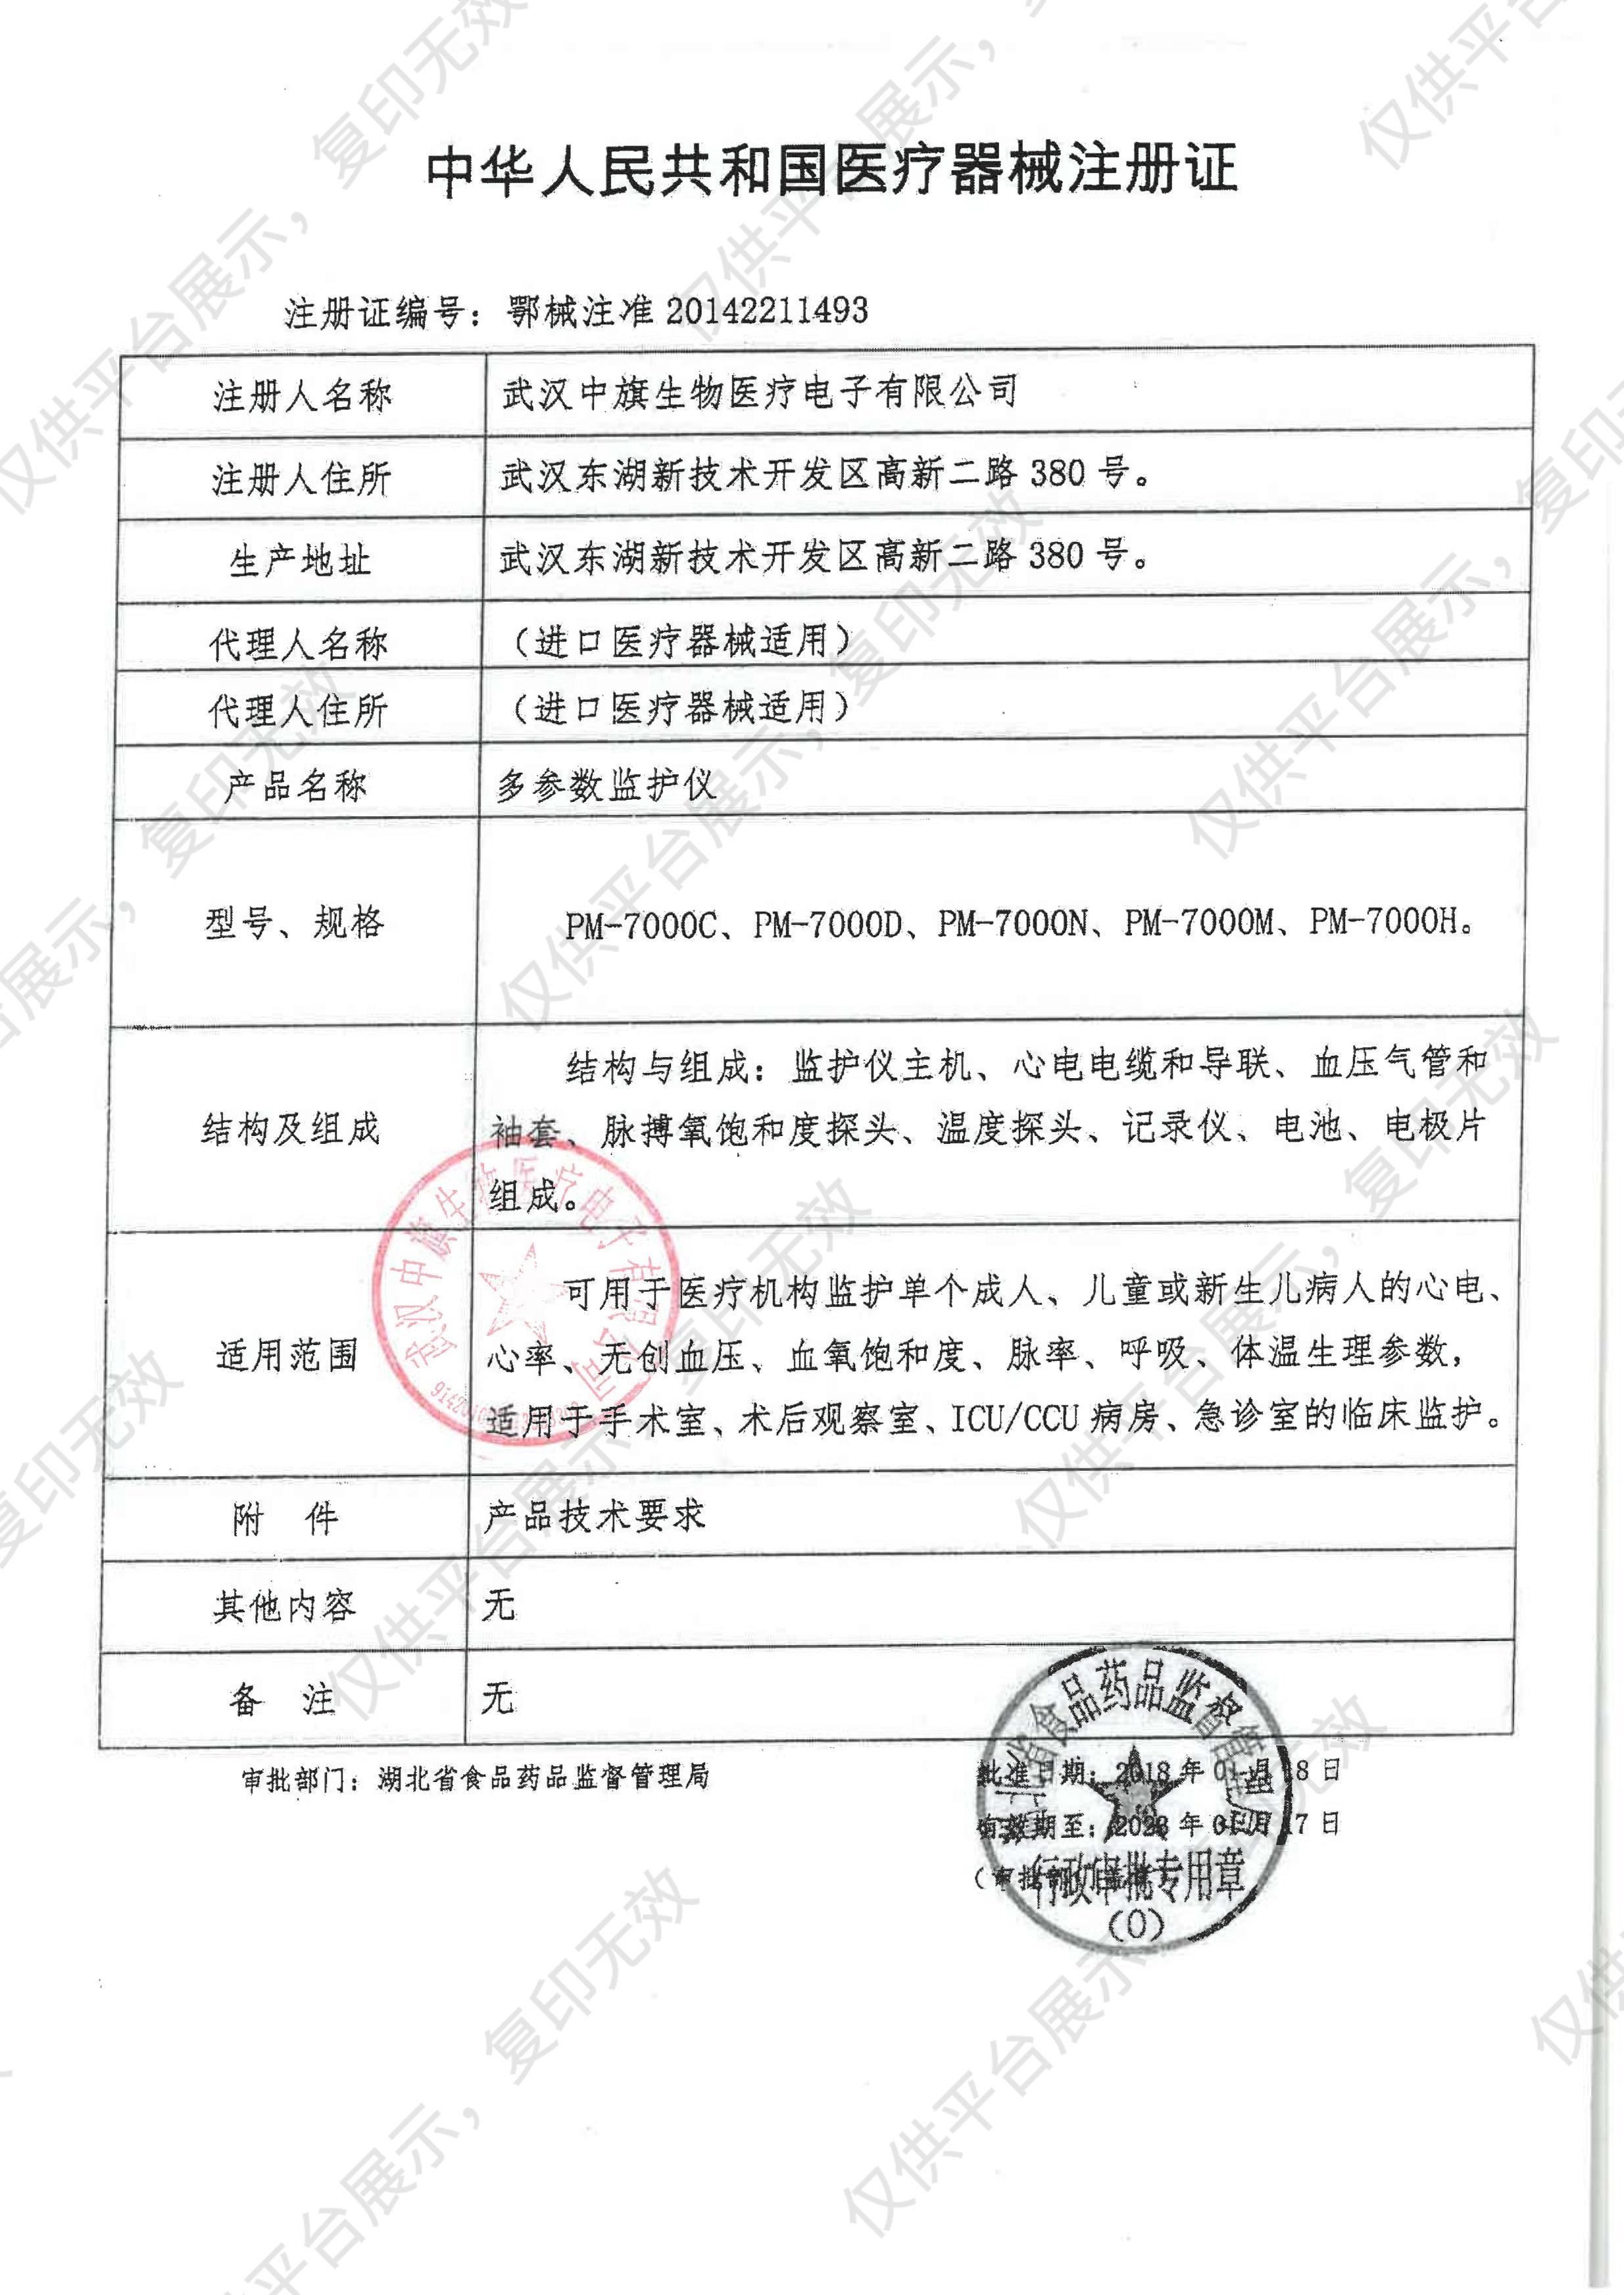 中旗多参数监护仪PM-7000C(含国产旁流CO2模块)注册证